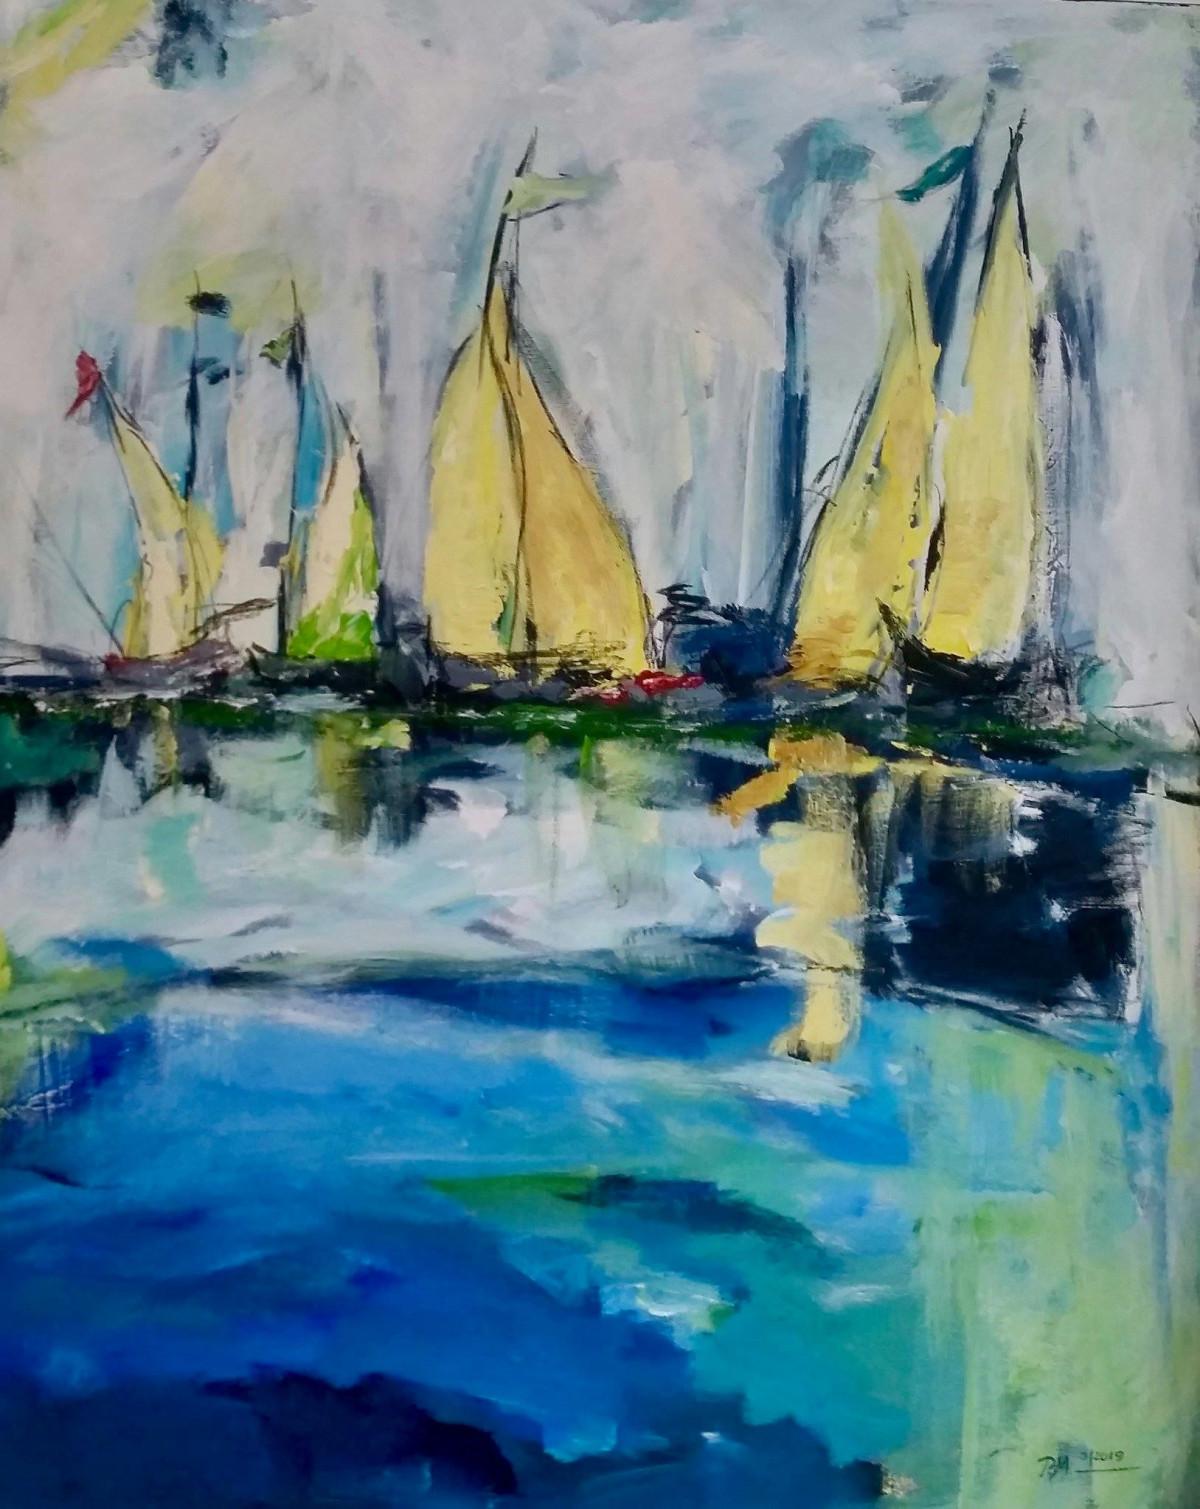 4 stilisierte Boote mit gelben Segeln, die sich im Wasser spiegeln